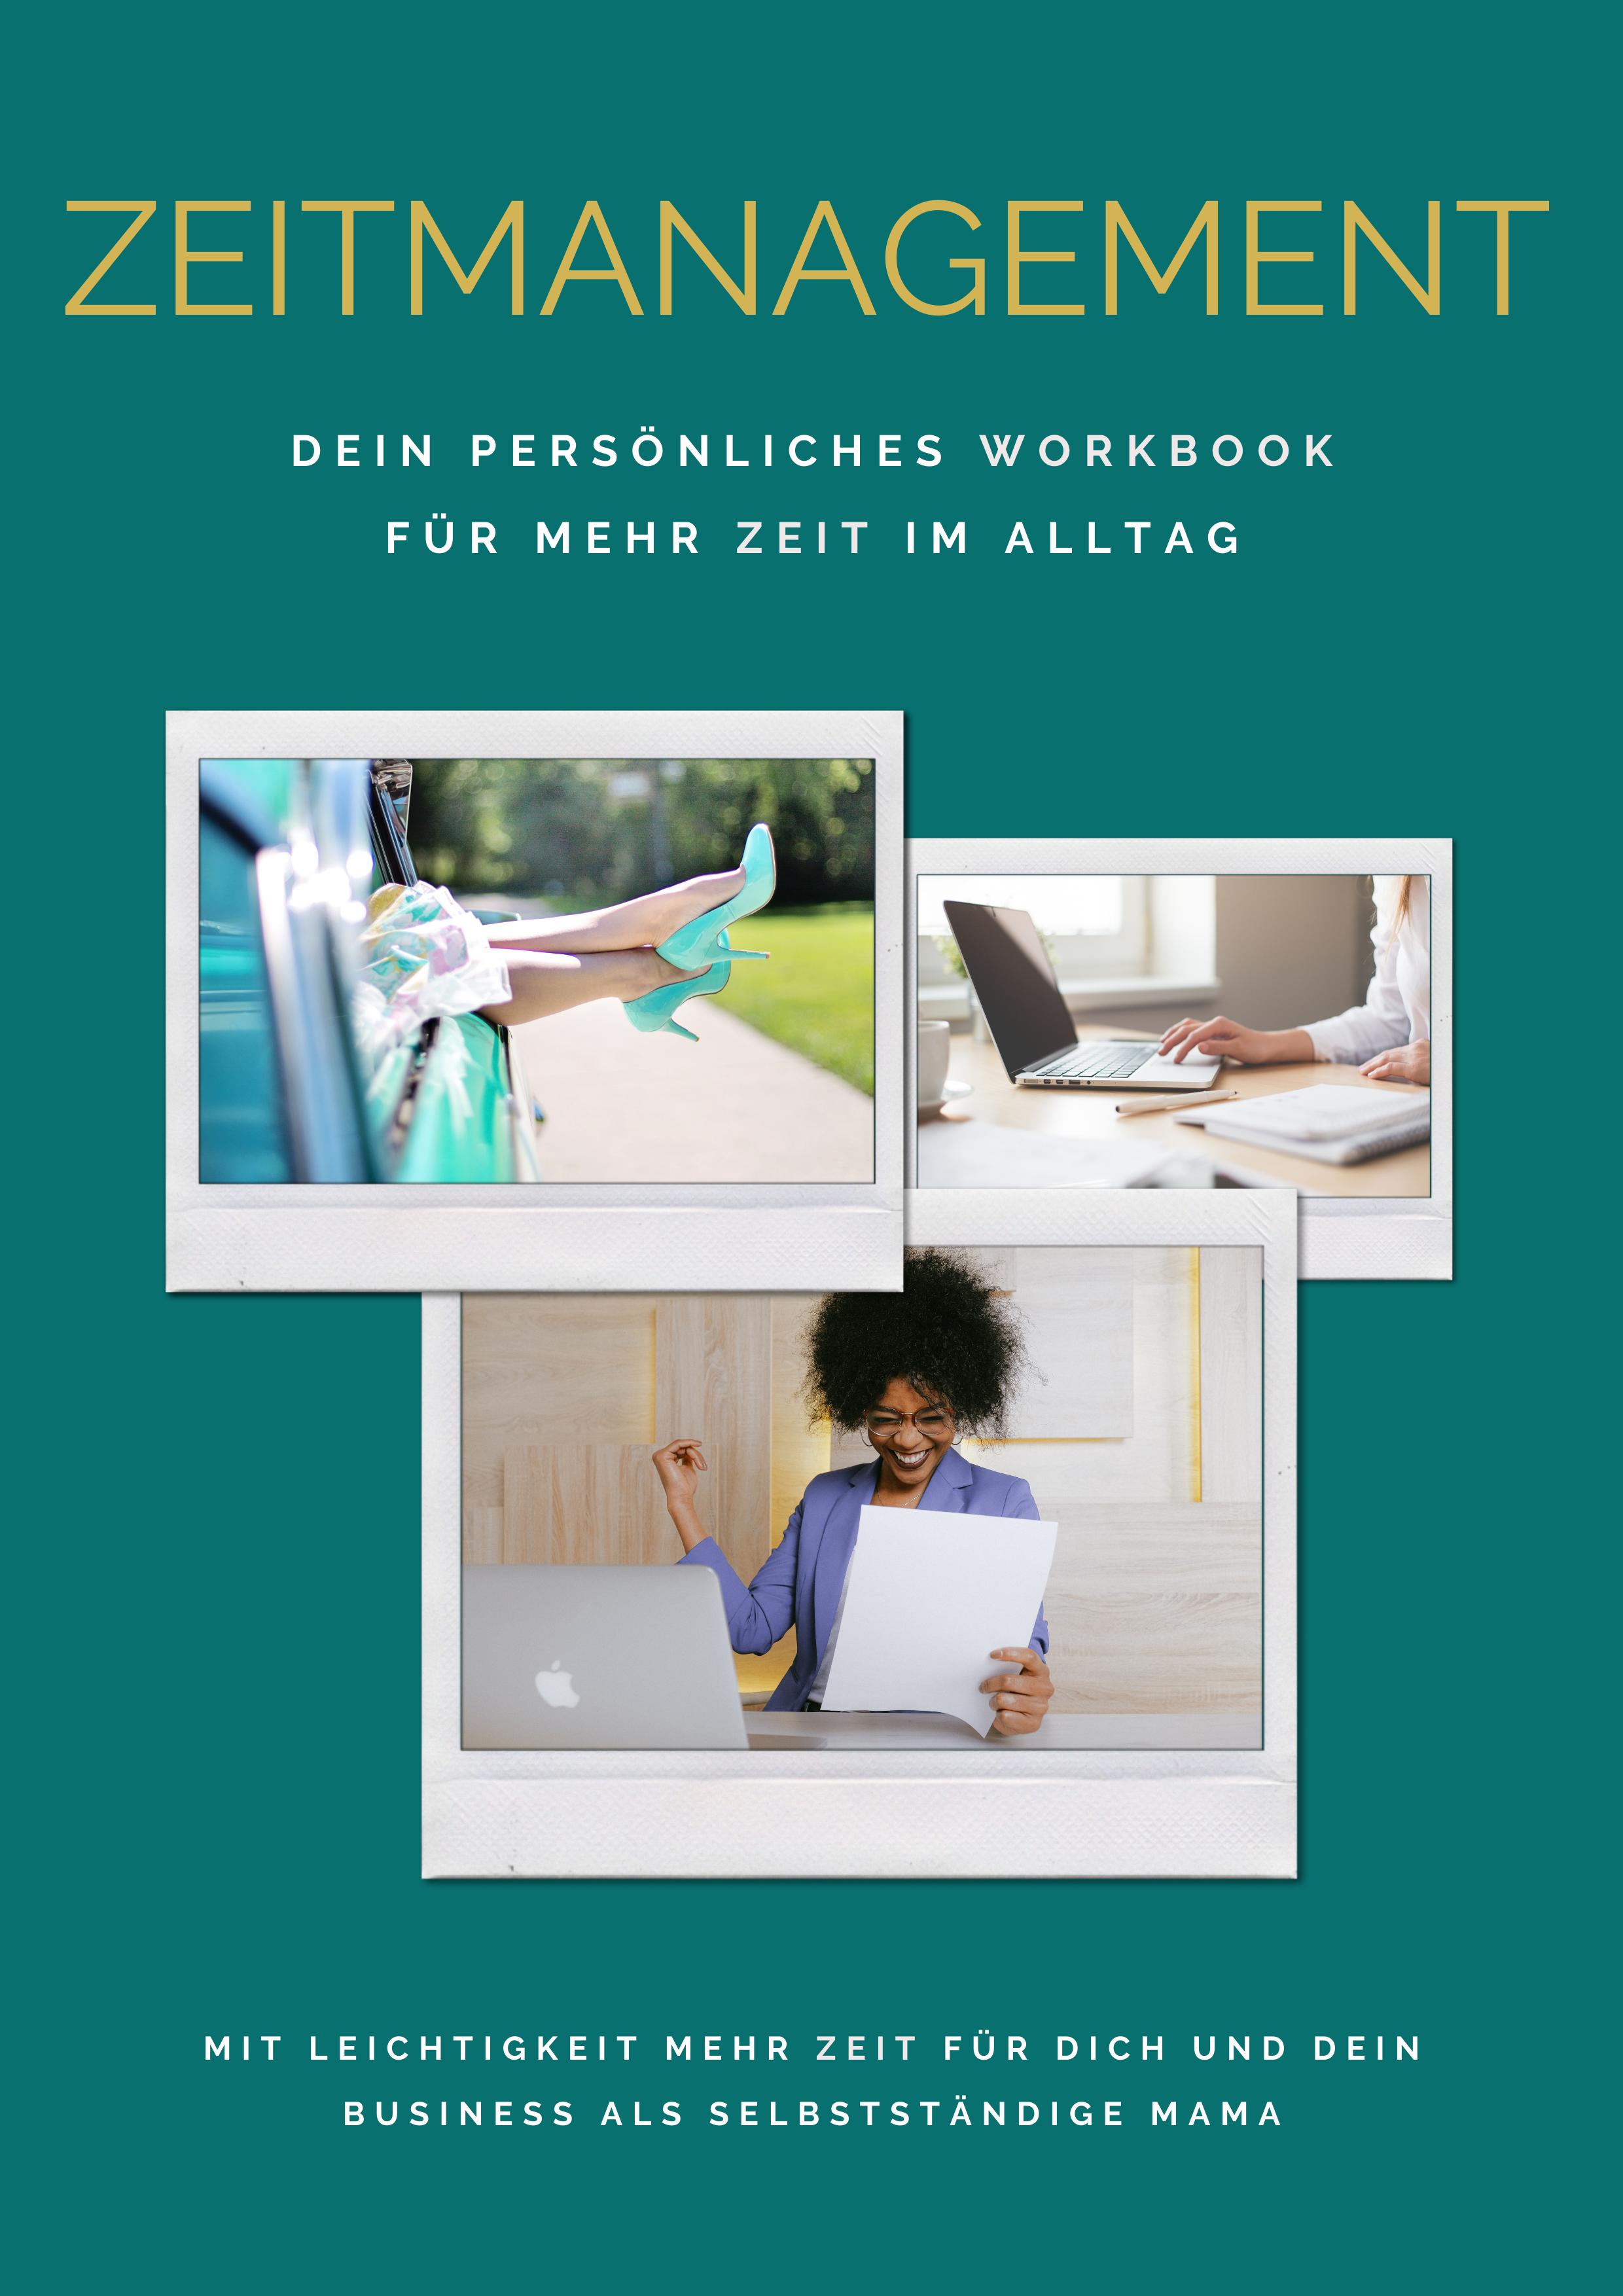 Zeitmanagement Workbook